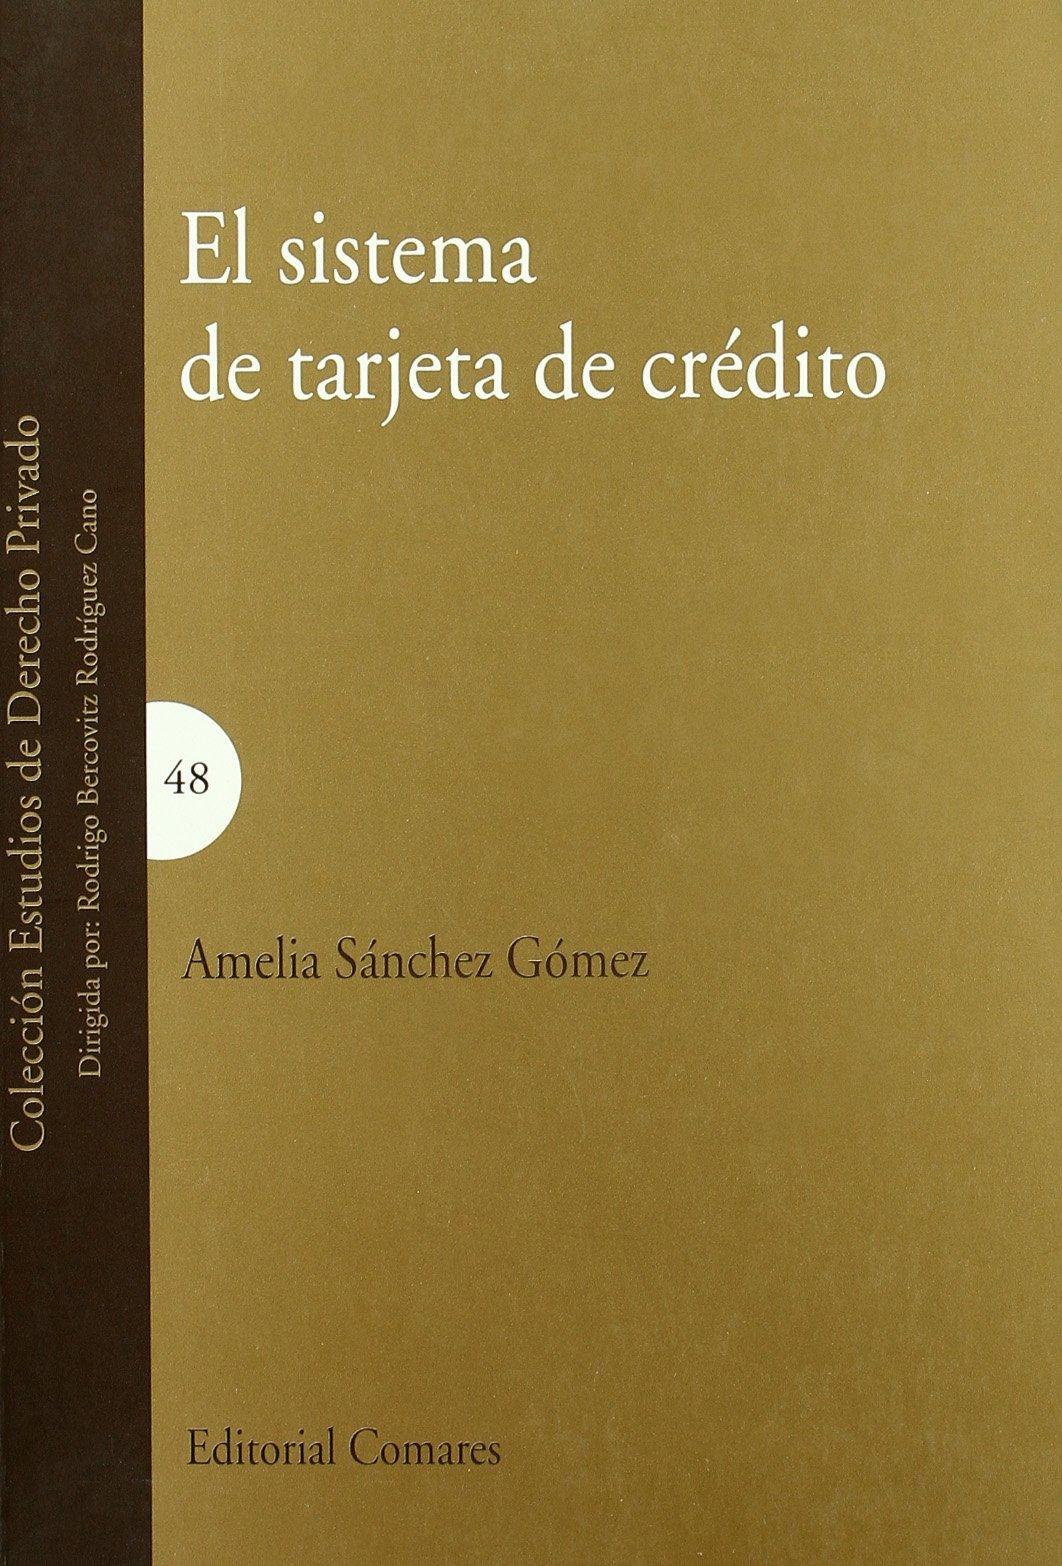 El sistema de tarjeta de crédito: Amelia Sánchez Gómez ...